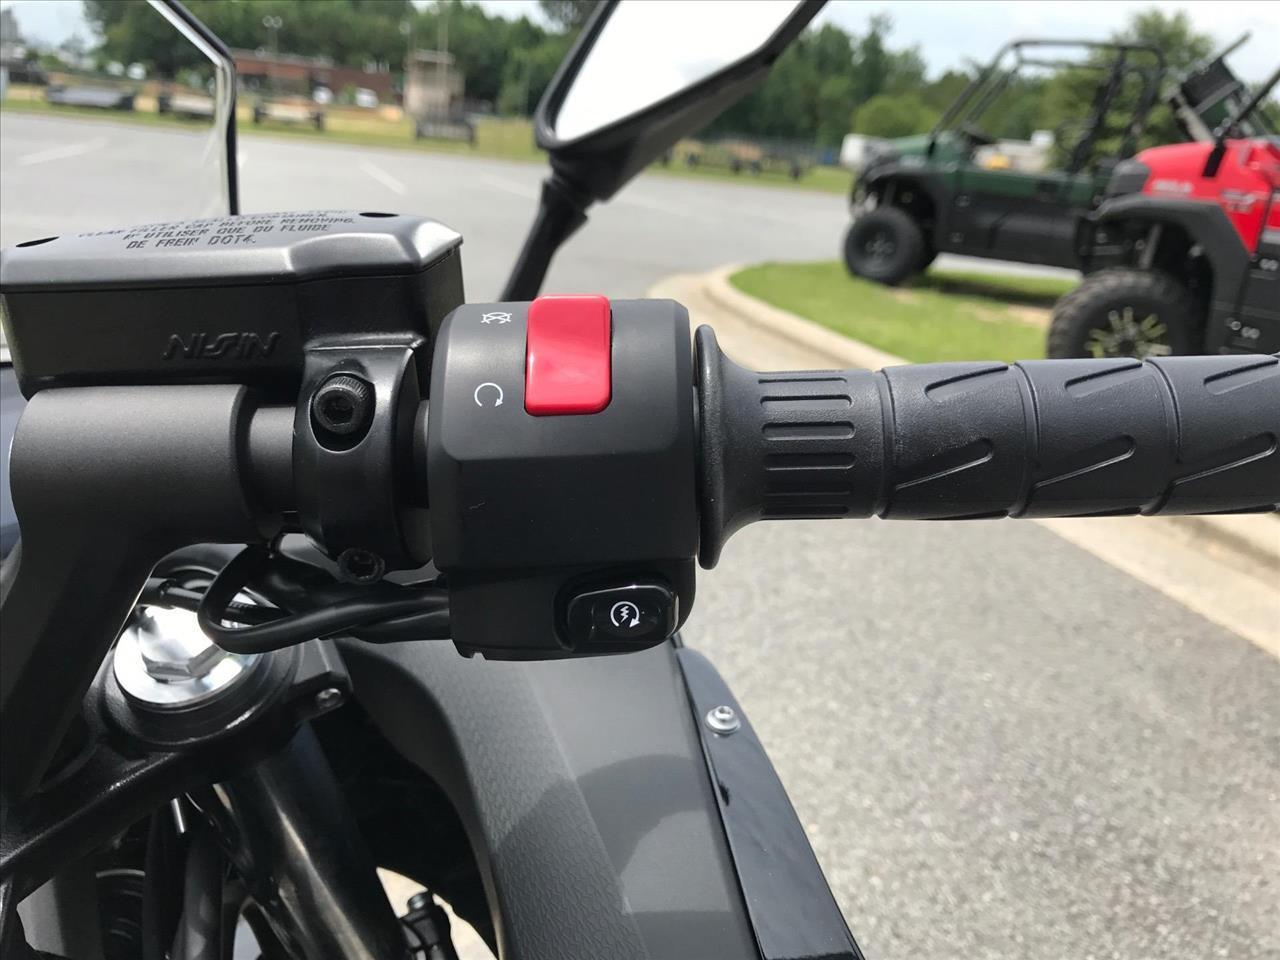 2017 Kawasaki Ninja 650R for sale at Vehicle Network, LLC - Ron Ayers Motorsports in Greenville NC